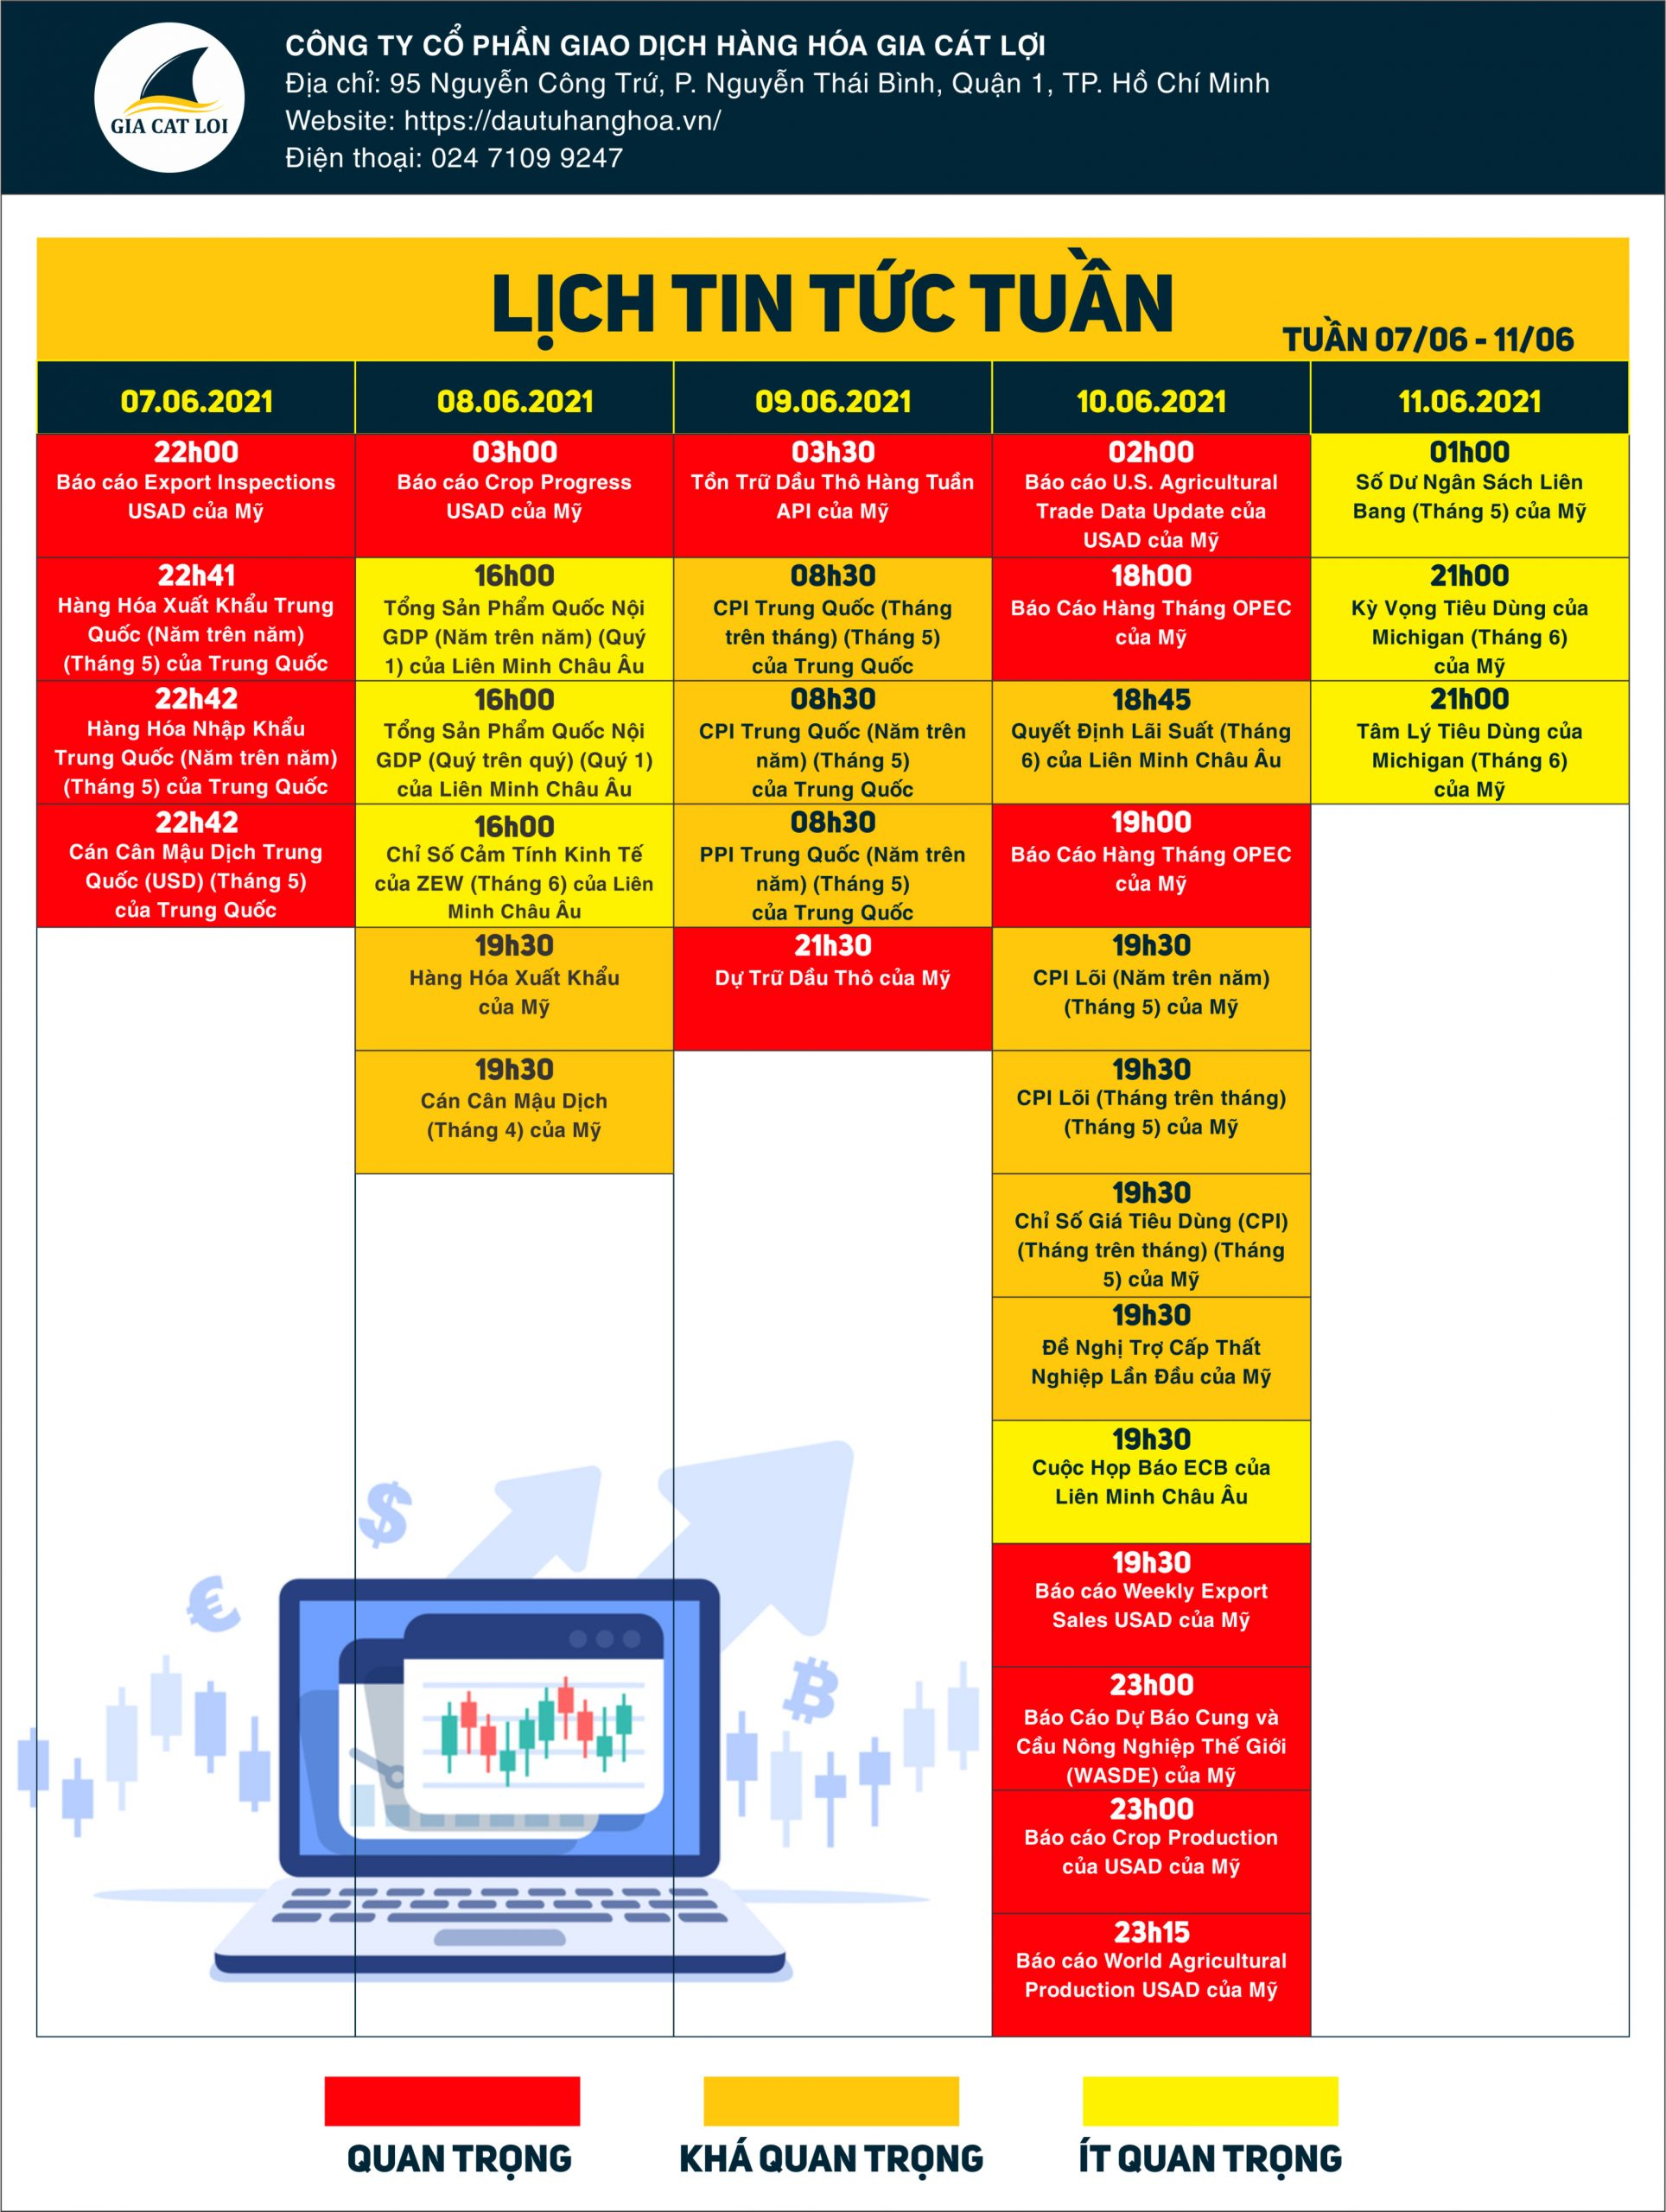 gia-cat-loi-lich-su-kien-tuan-07-06-2021-1